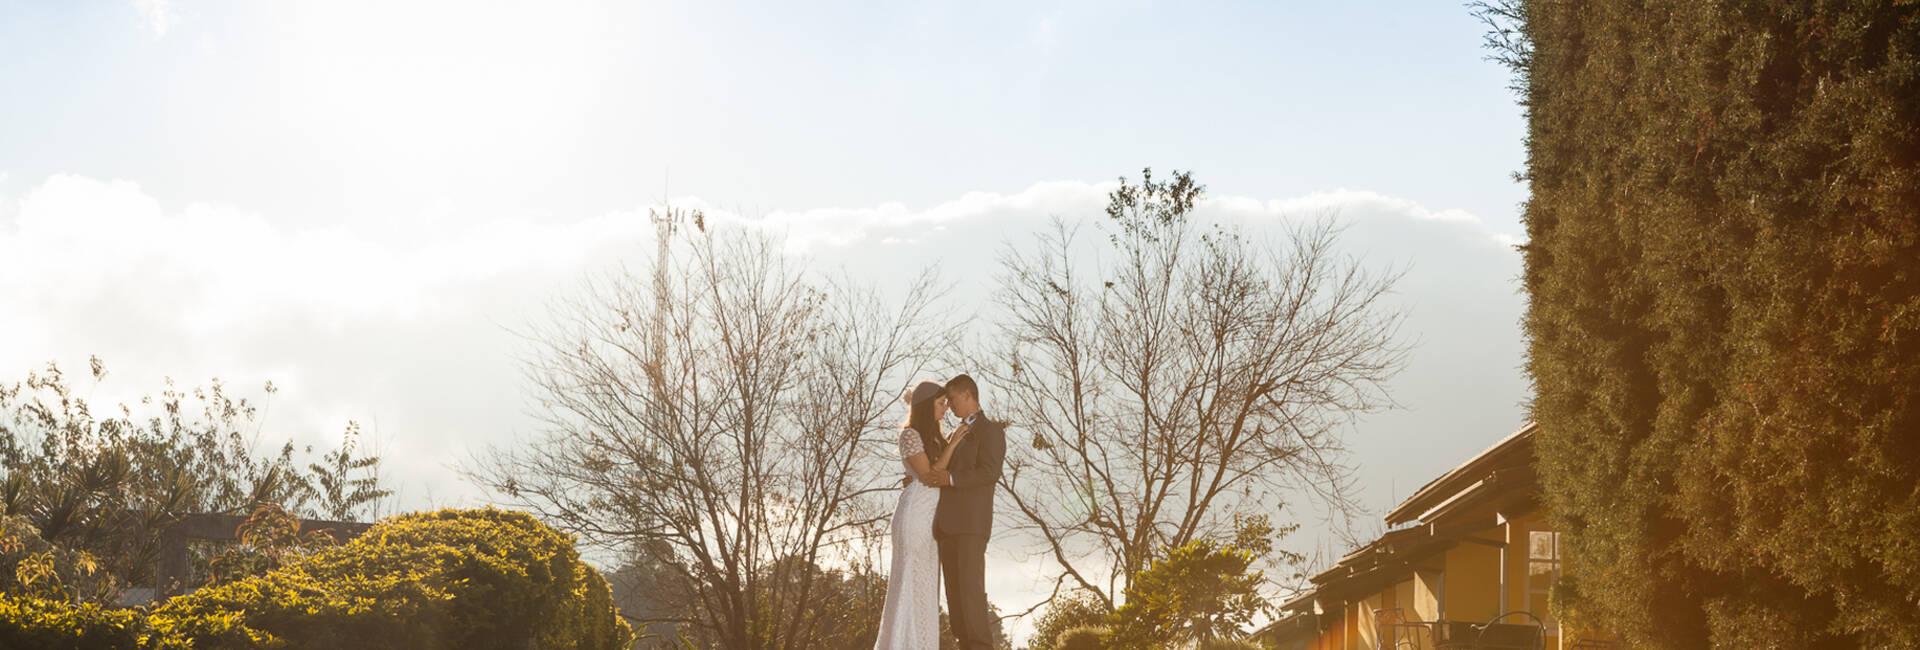 Casamento , ensaio Pós Casamento de Mariane e Rafael